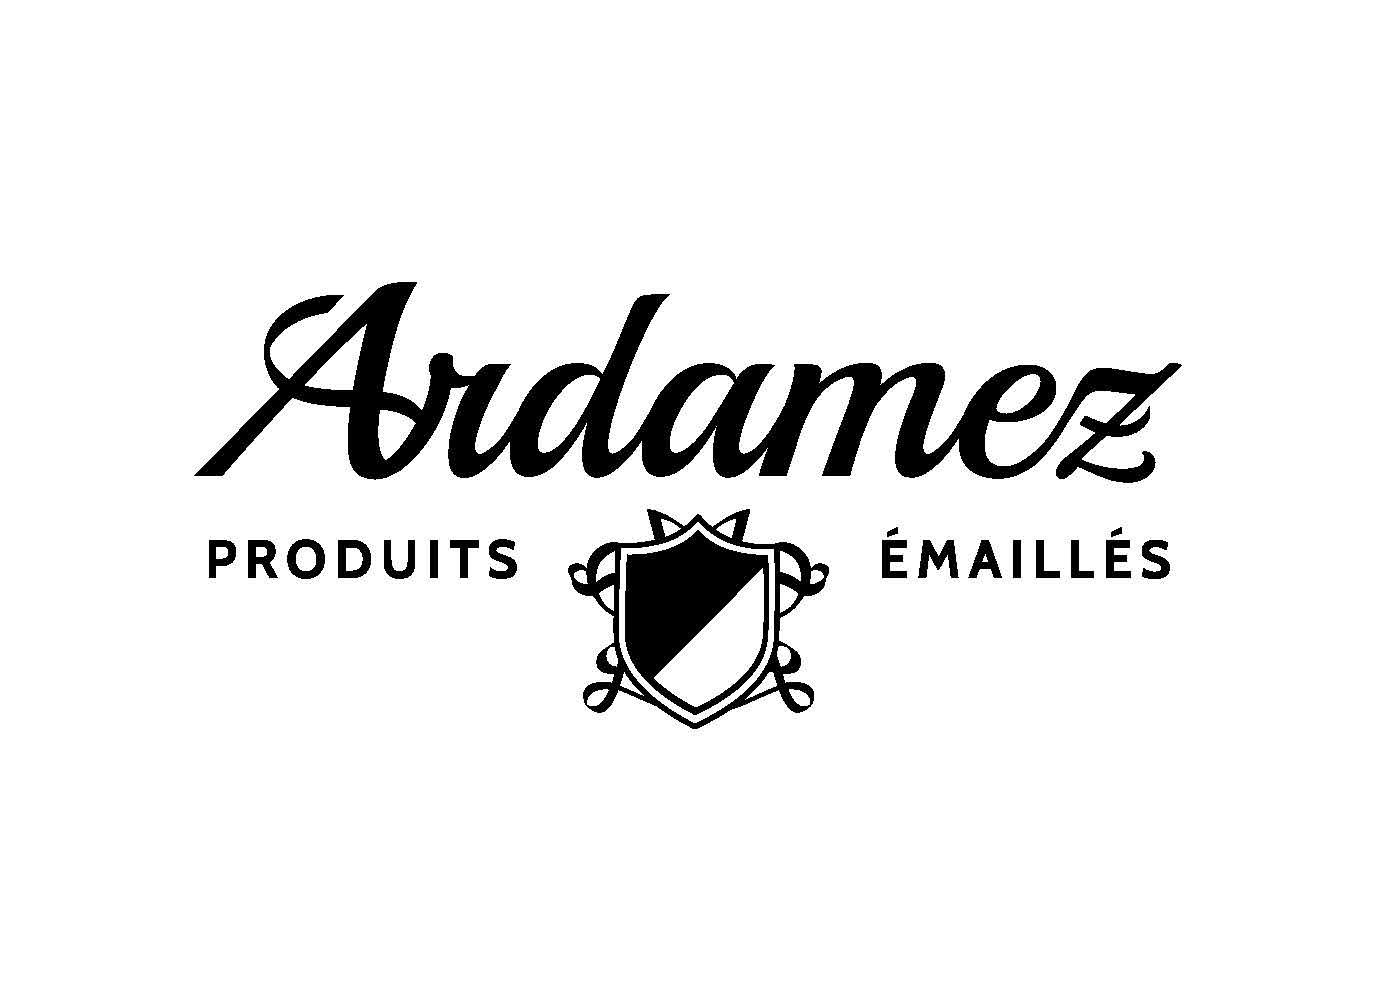 ardamez- company logo